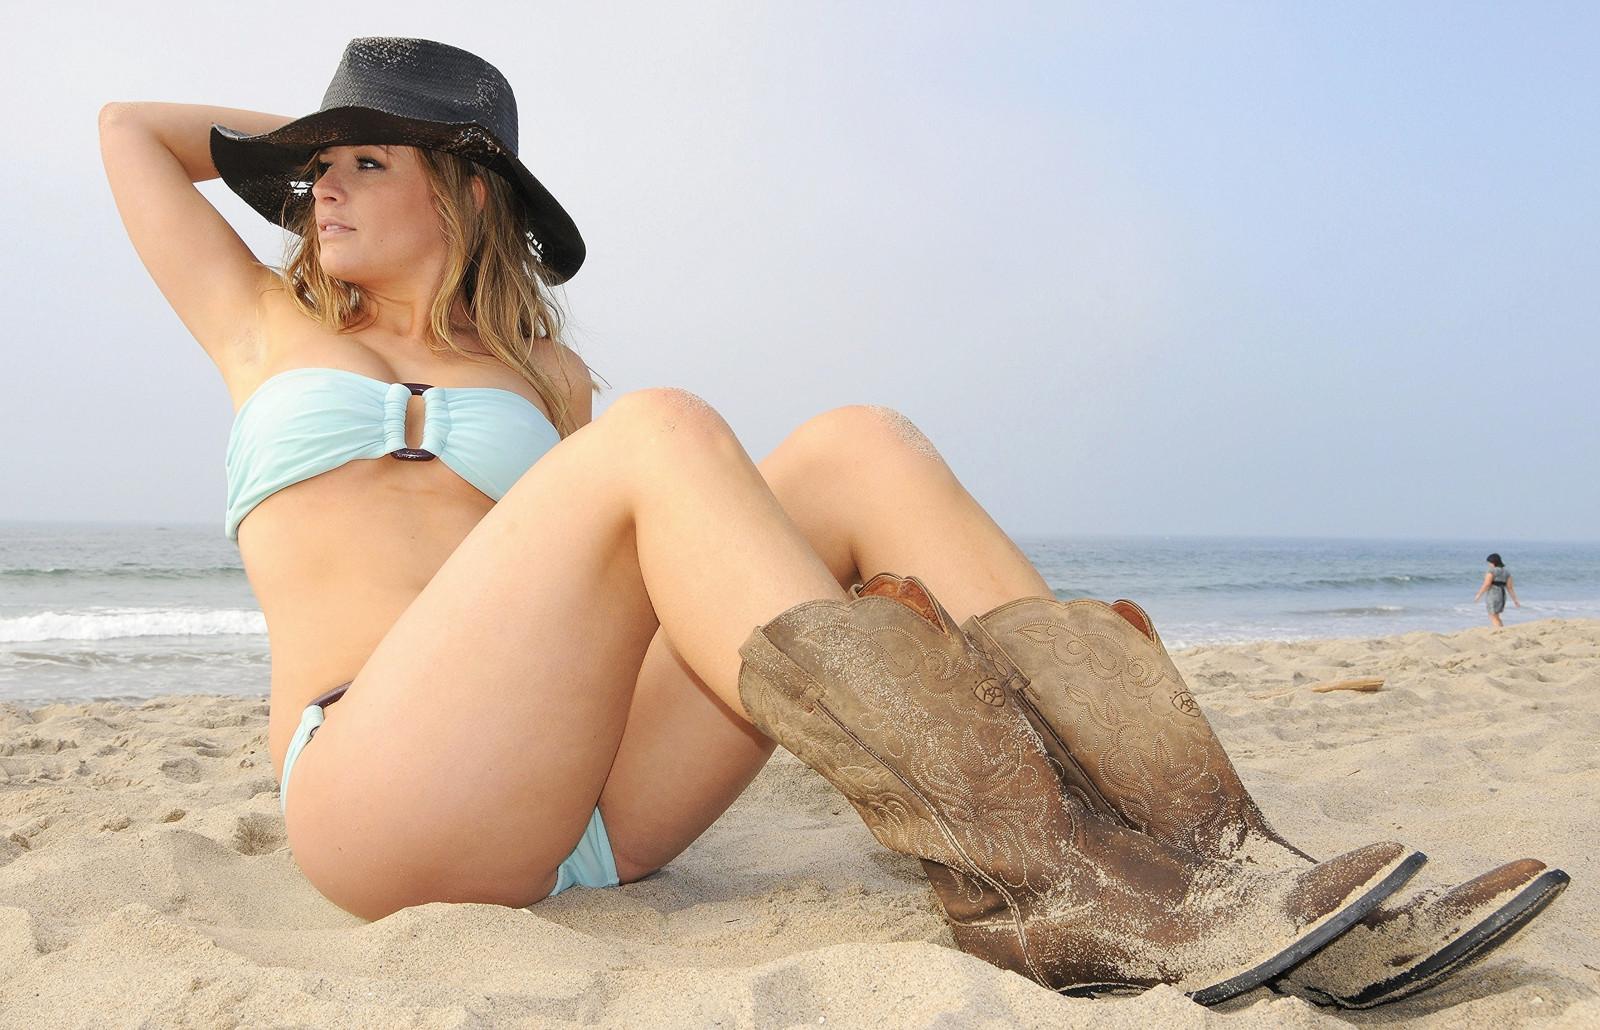 Wallpaper  Girls, Sea, Portrait, Sun, Hot, Sexy, Beach -8737